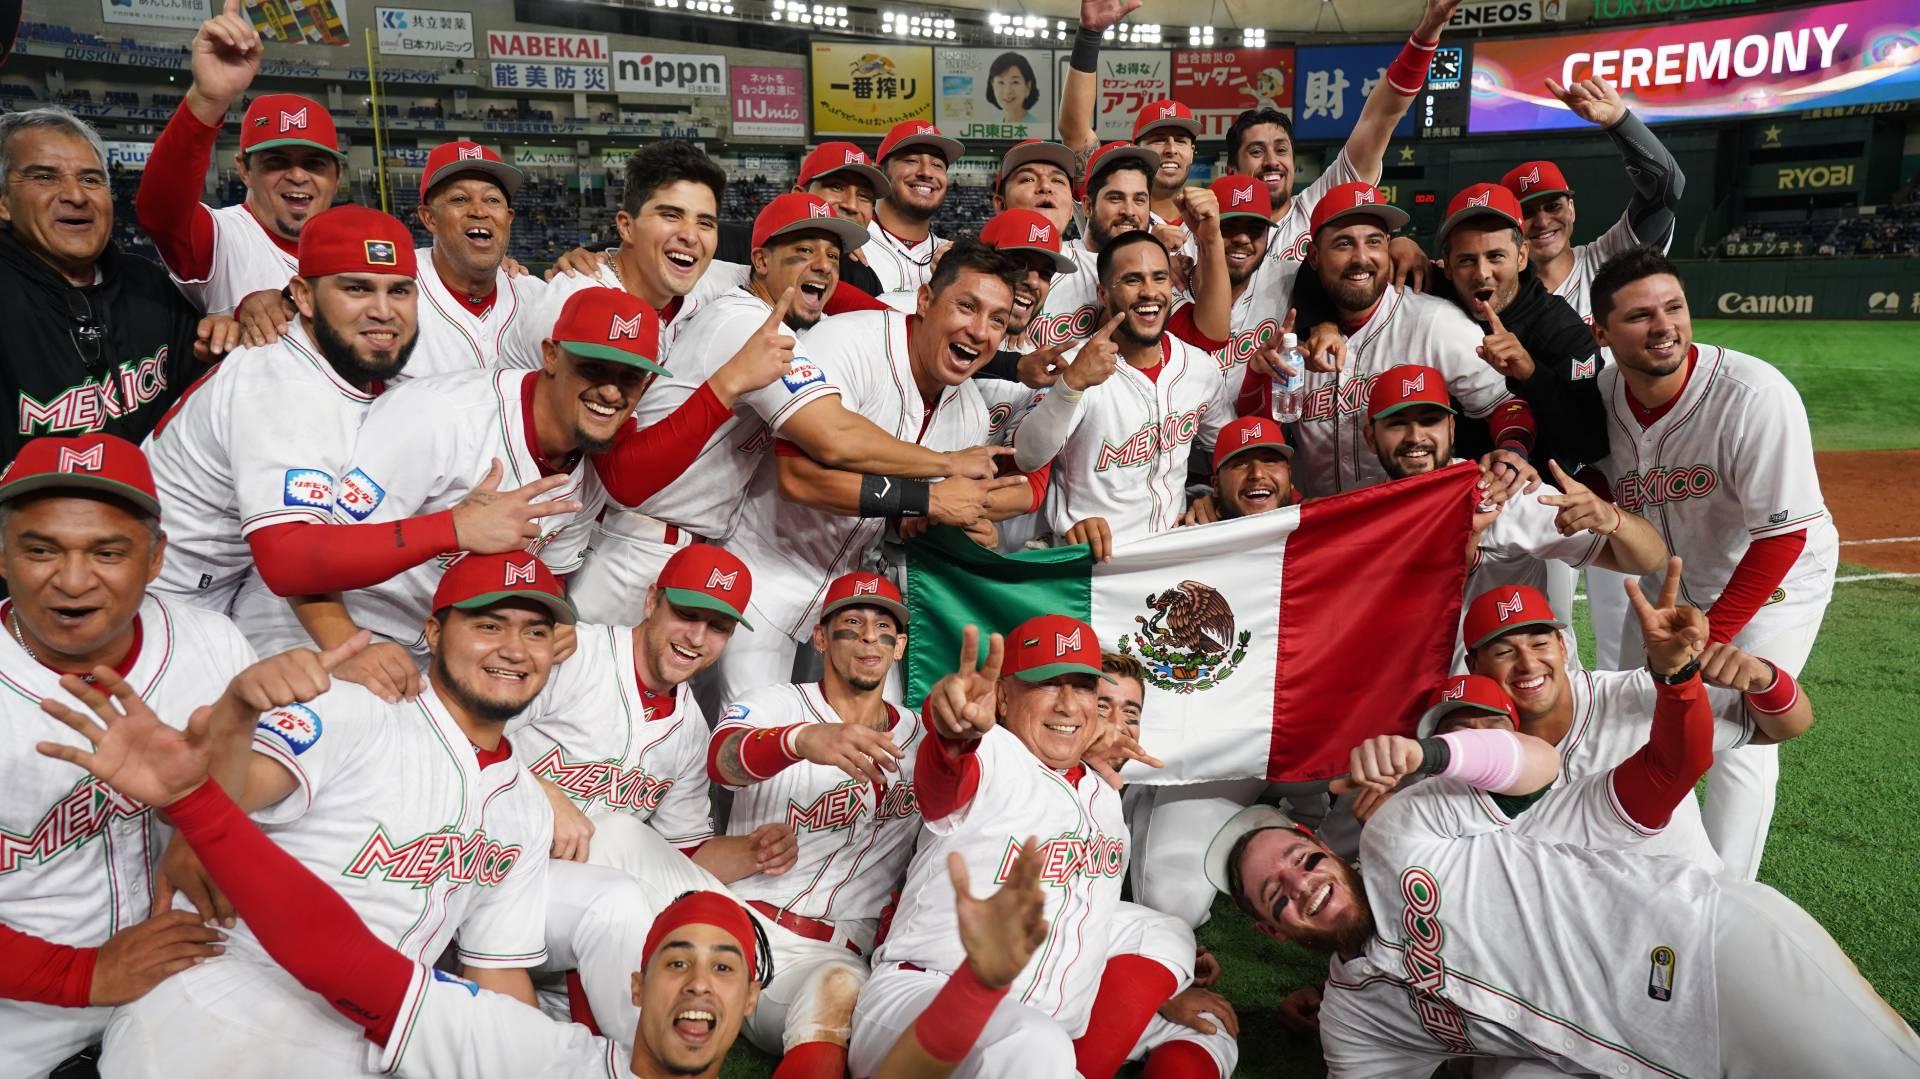 Selección Mexicana de Beisbol aspira a una medalla en Tokio 2021, pero la falta de recursos podría ser un obstáculo: Edgar González - Infobae